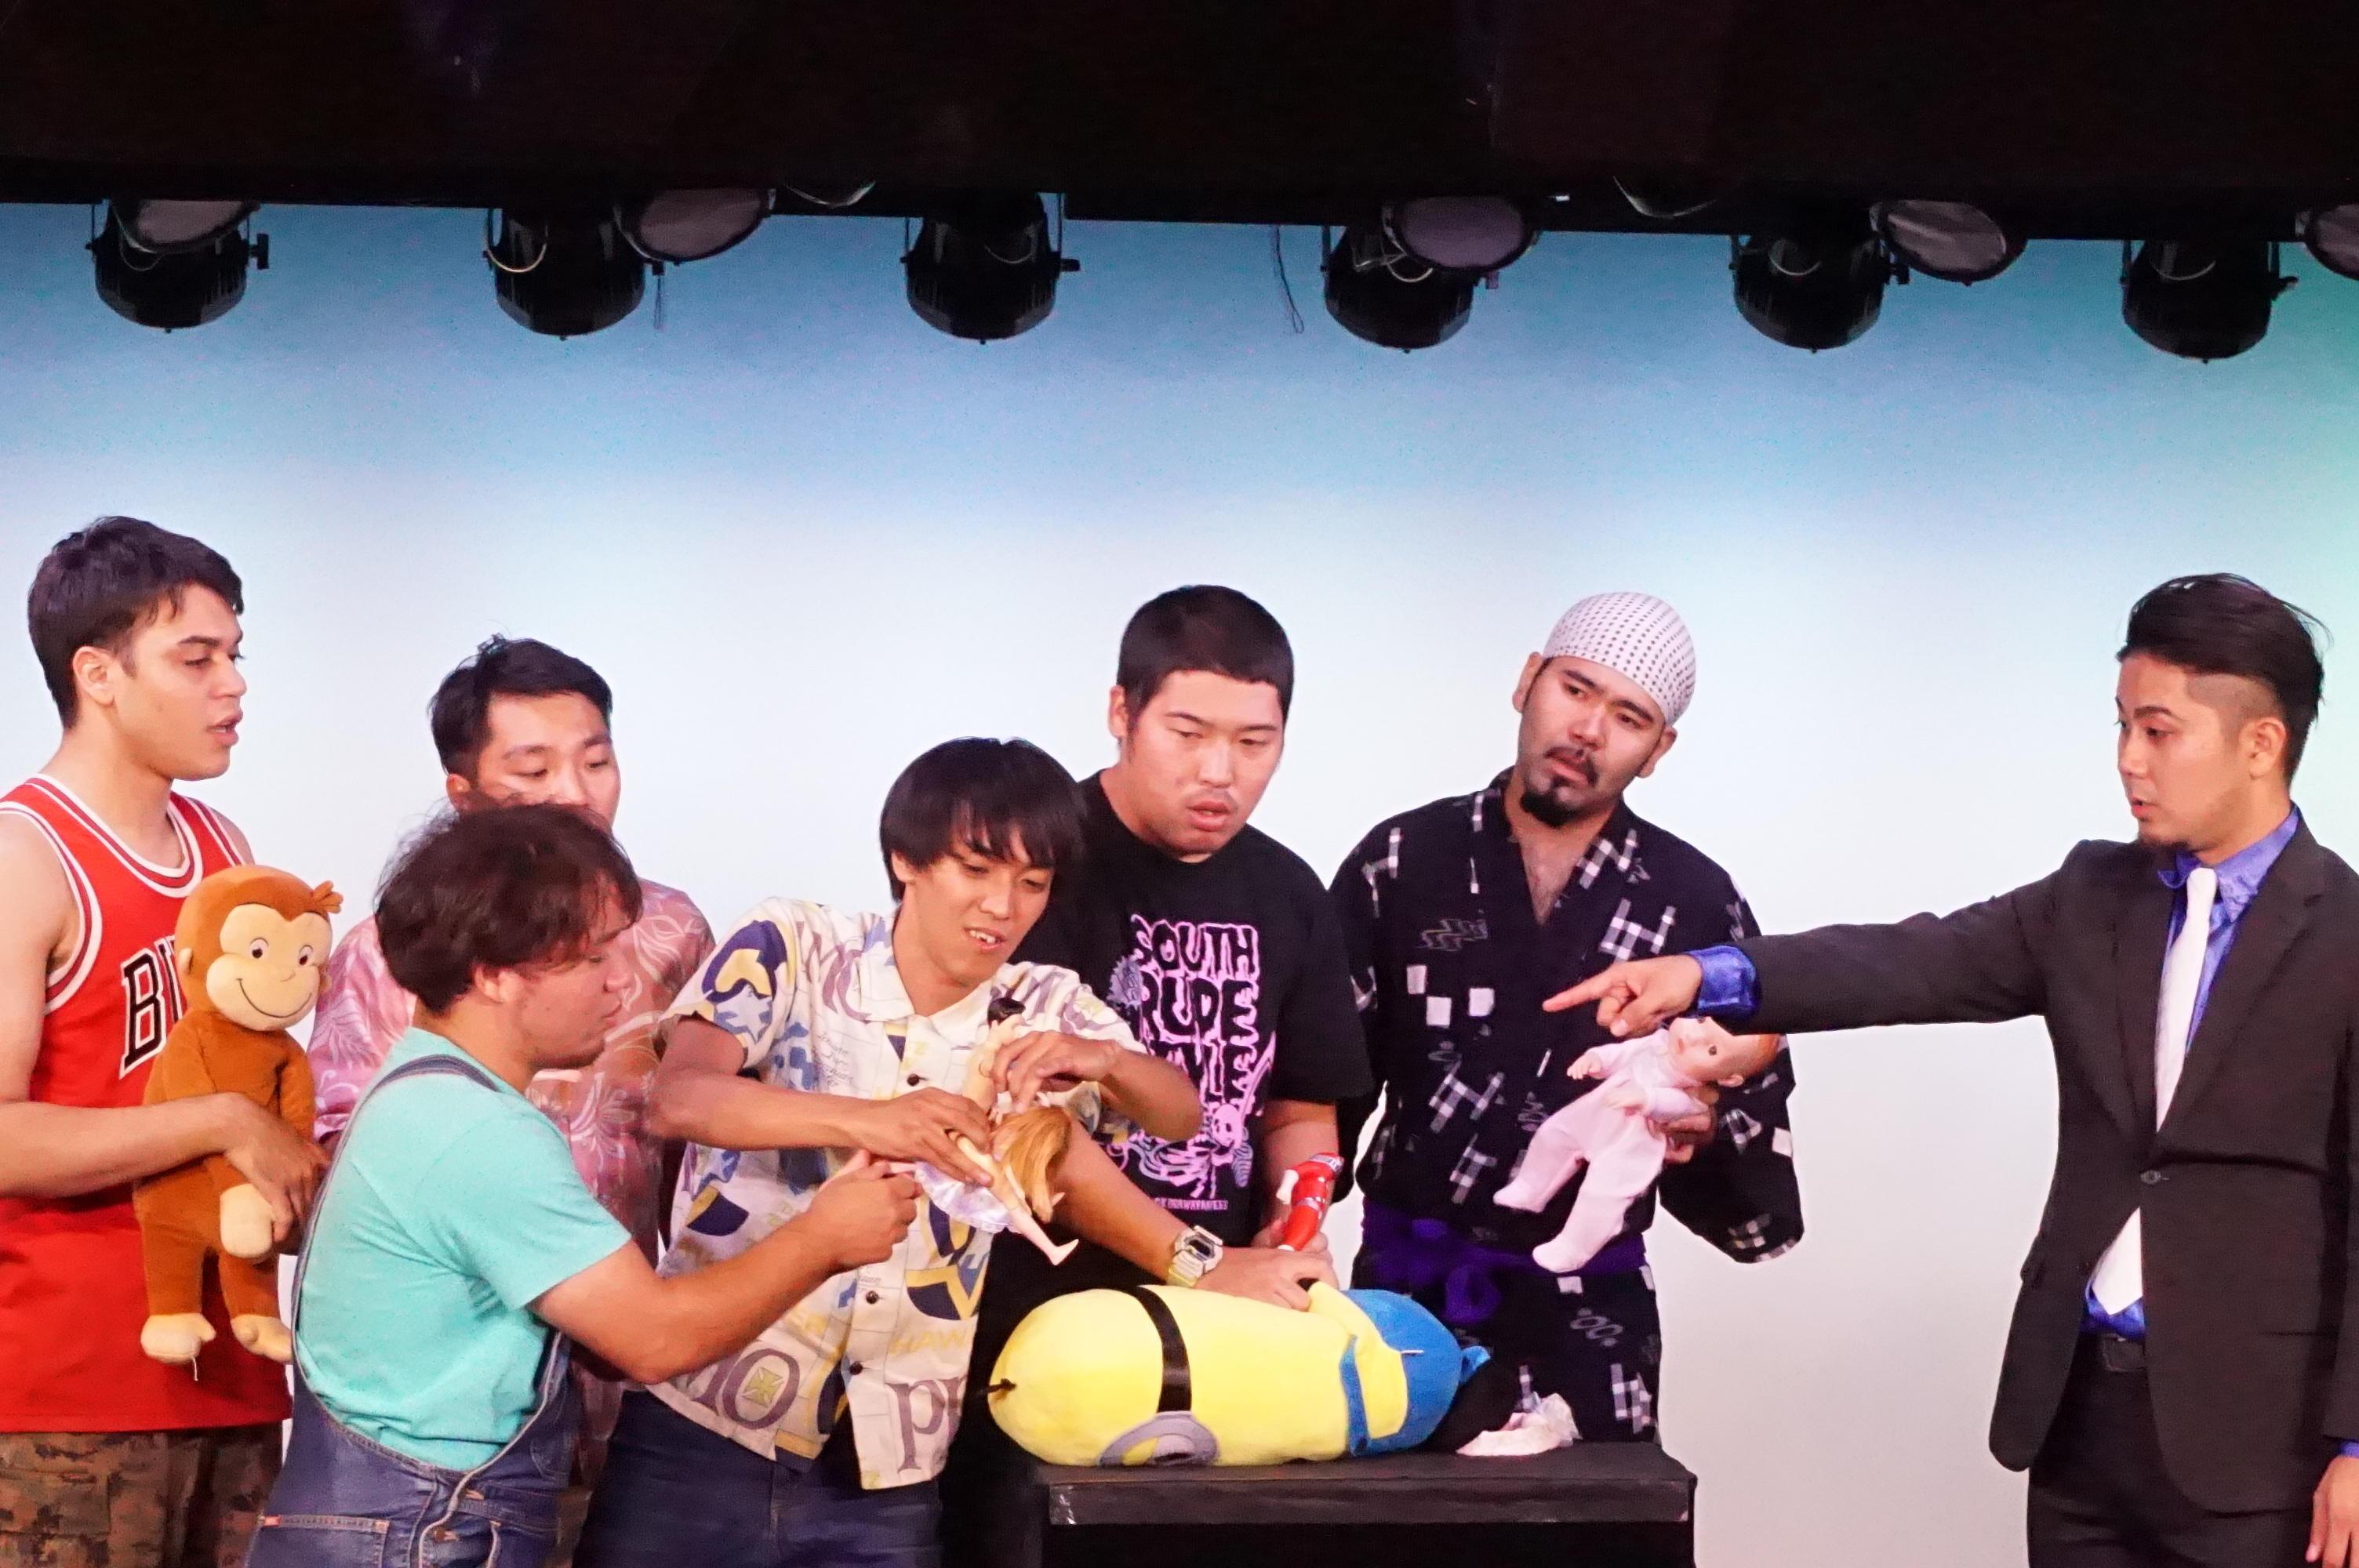 http://news.yoshimoto.co.jp/20180724165541-ac0ffc0a6f41c31566c17d1e75c5d20c11c6d2e2.jpg